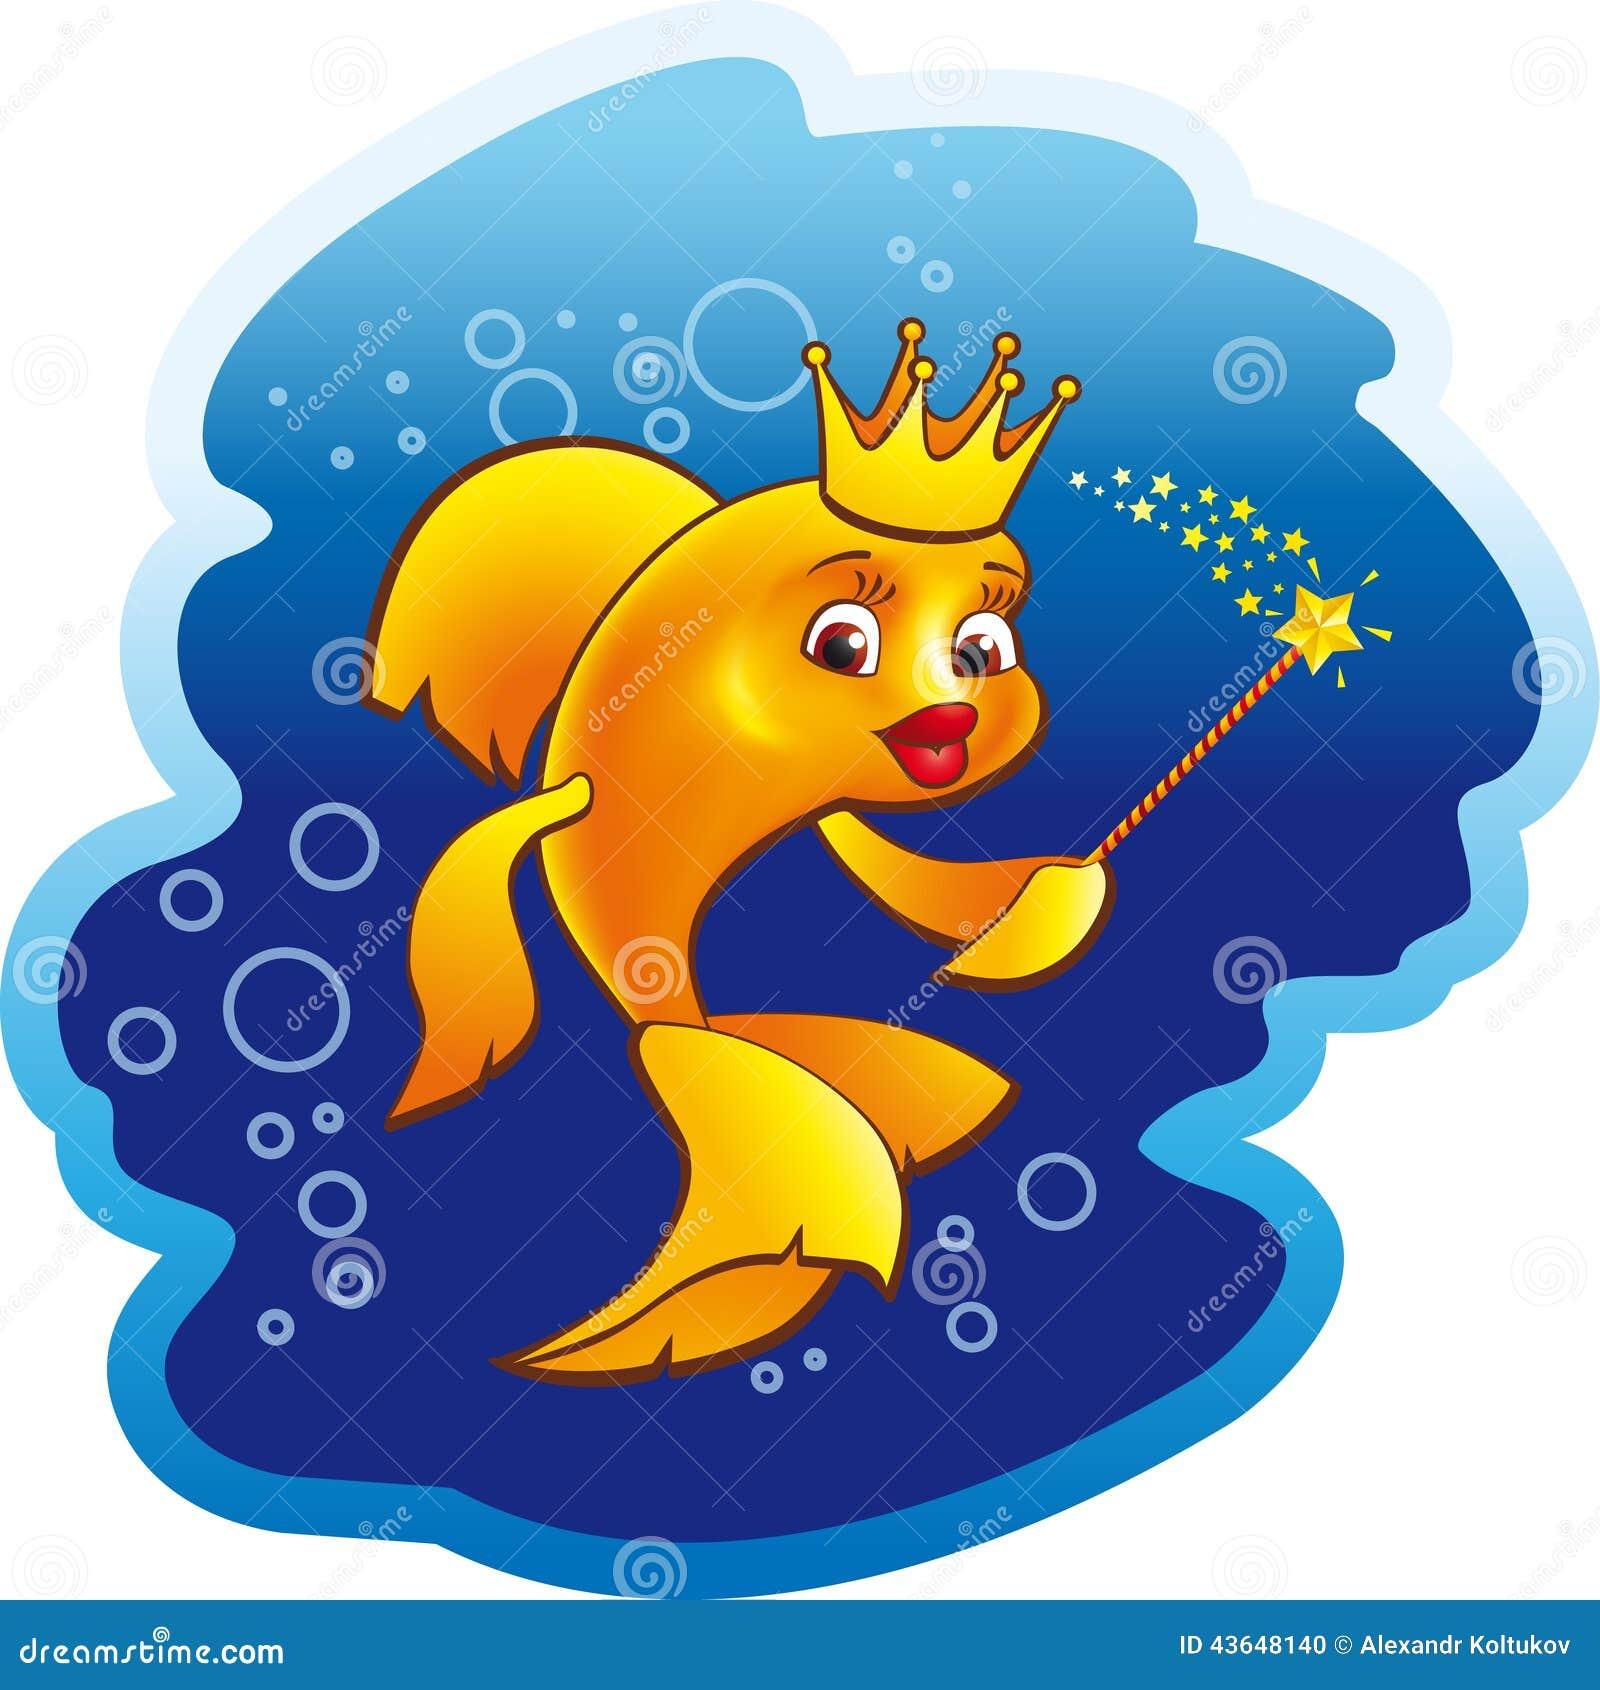 golden fish princess vector animation illustration stock aquarium clip art black & white aquarium clip art free images